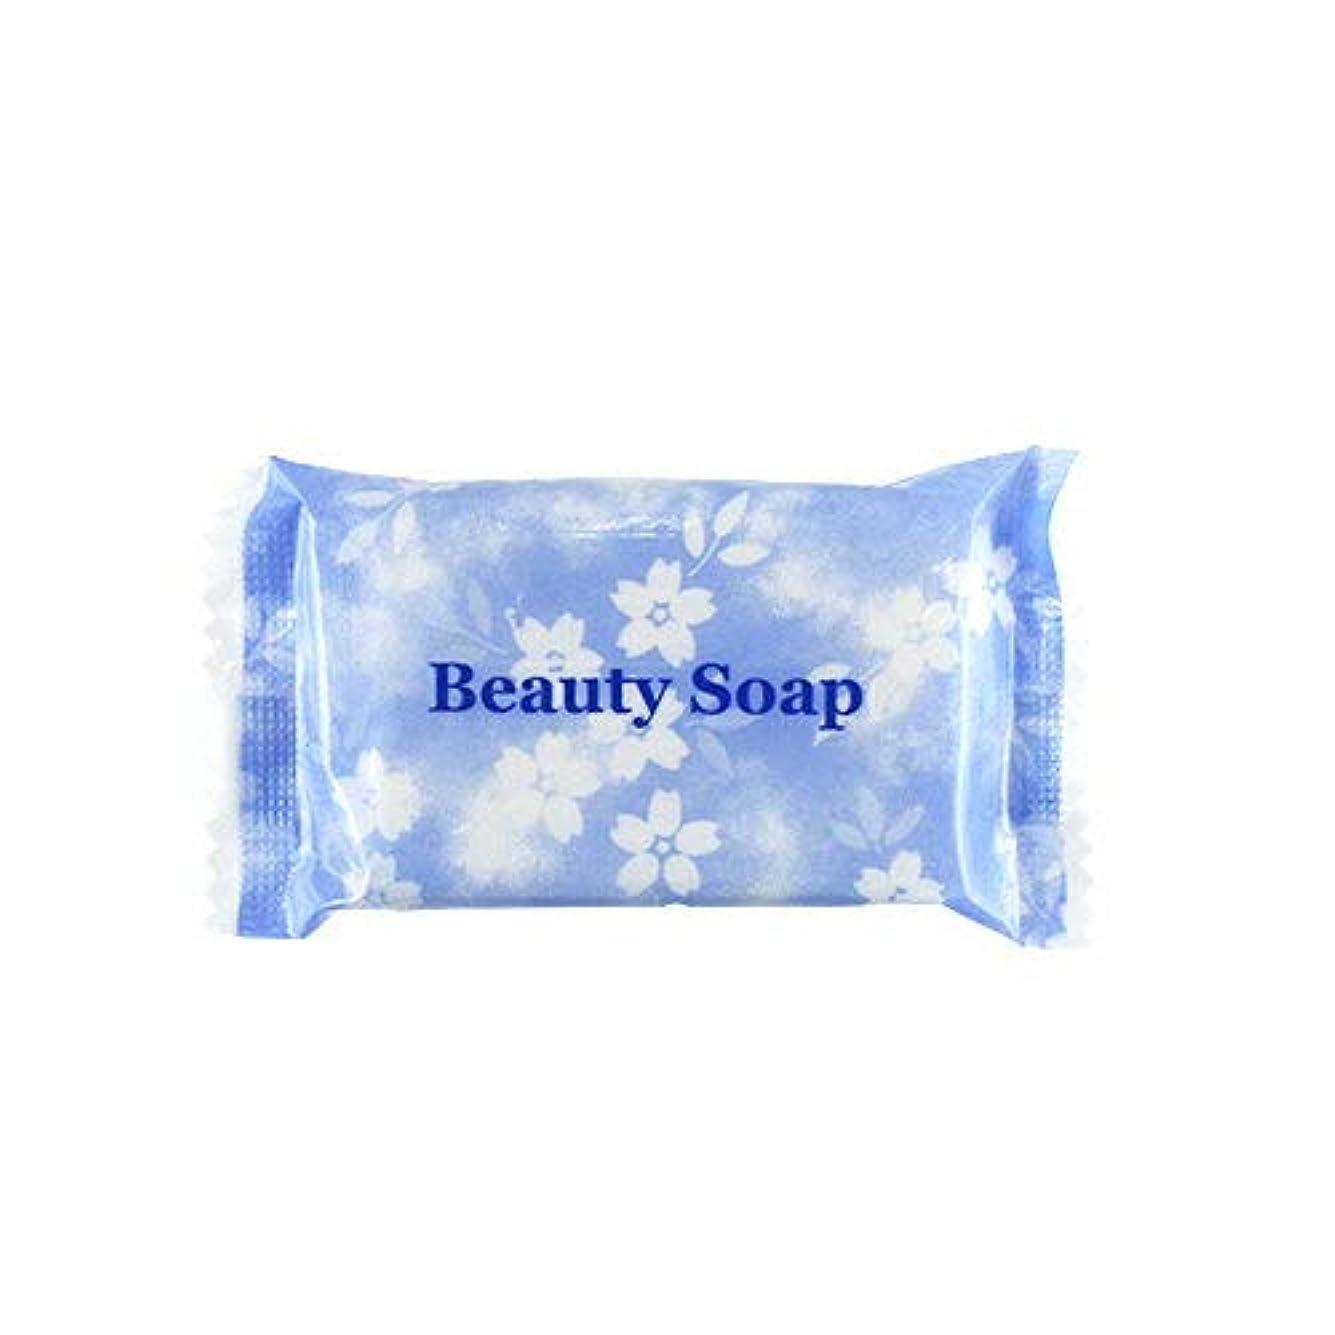 楽観囚人感情の業務用 クロバーコーポレーション ビューティーソープ(Beauty Soap) 15g×20個セット | ホテルアメニティ 個包装